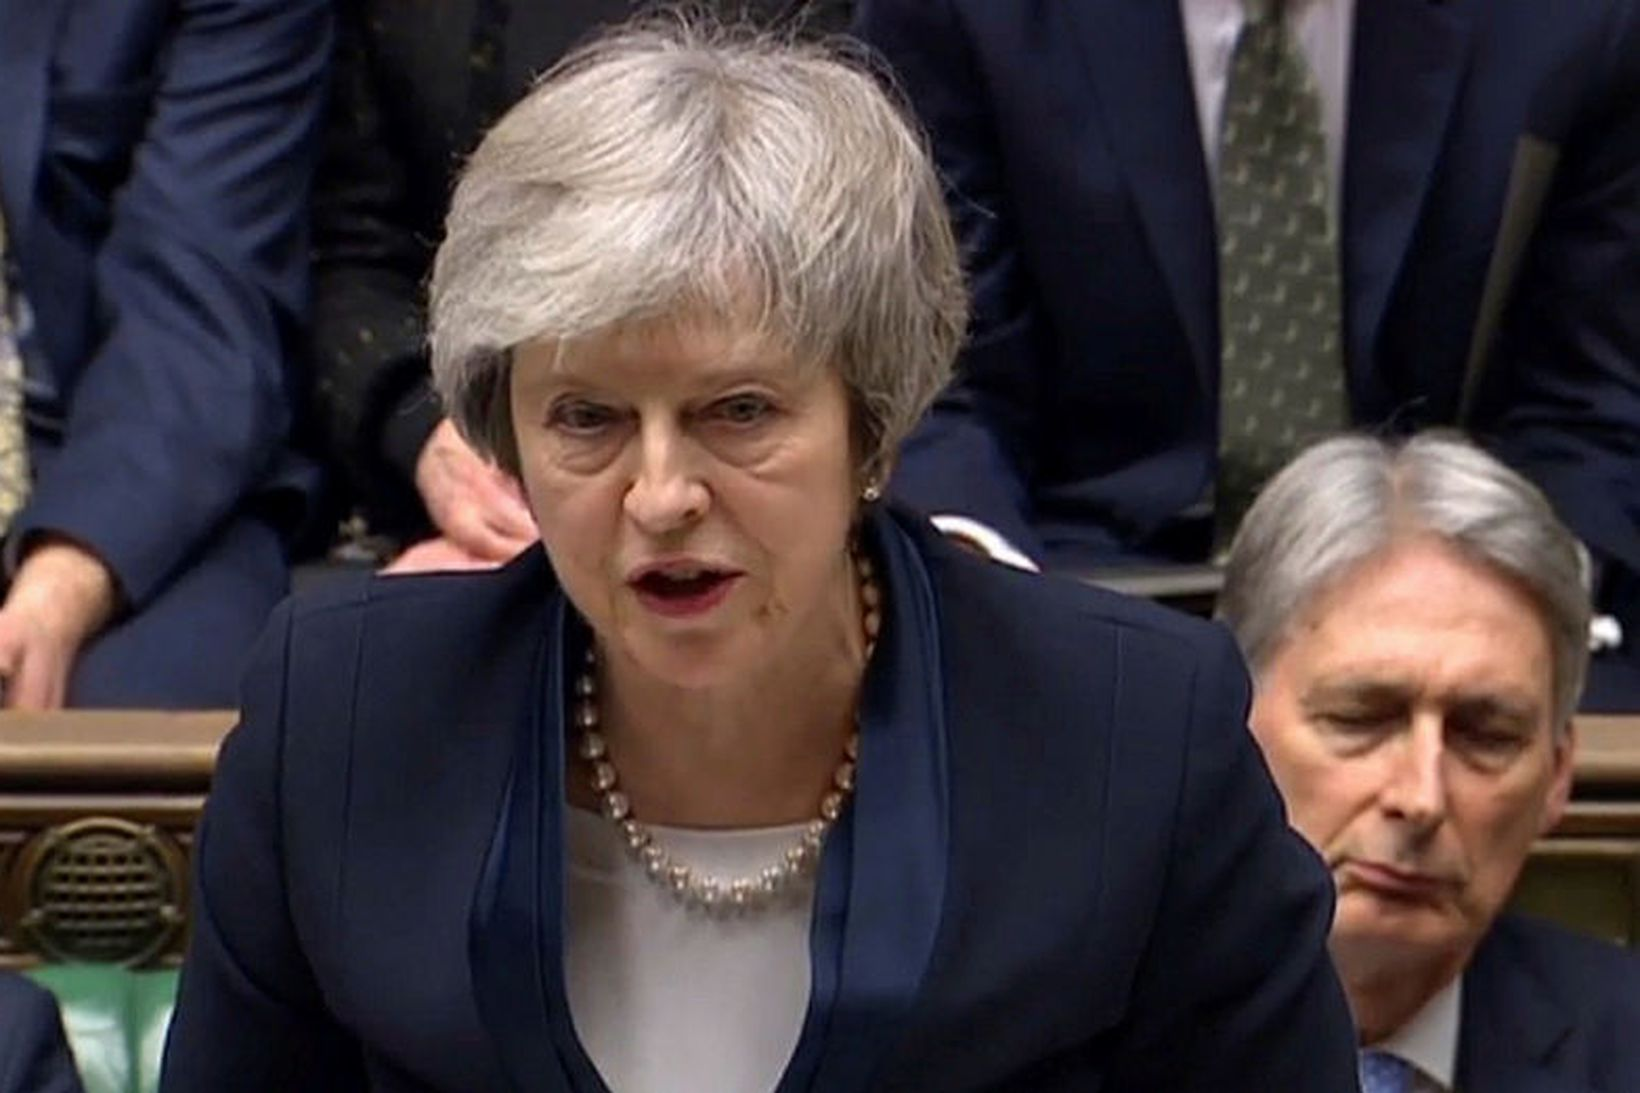 Theresa May, forsætisráðherra Bretlands, ávarpar breska þingið í dag.